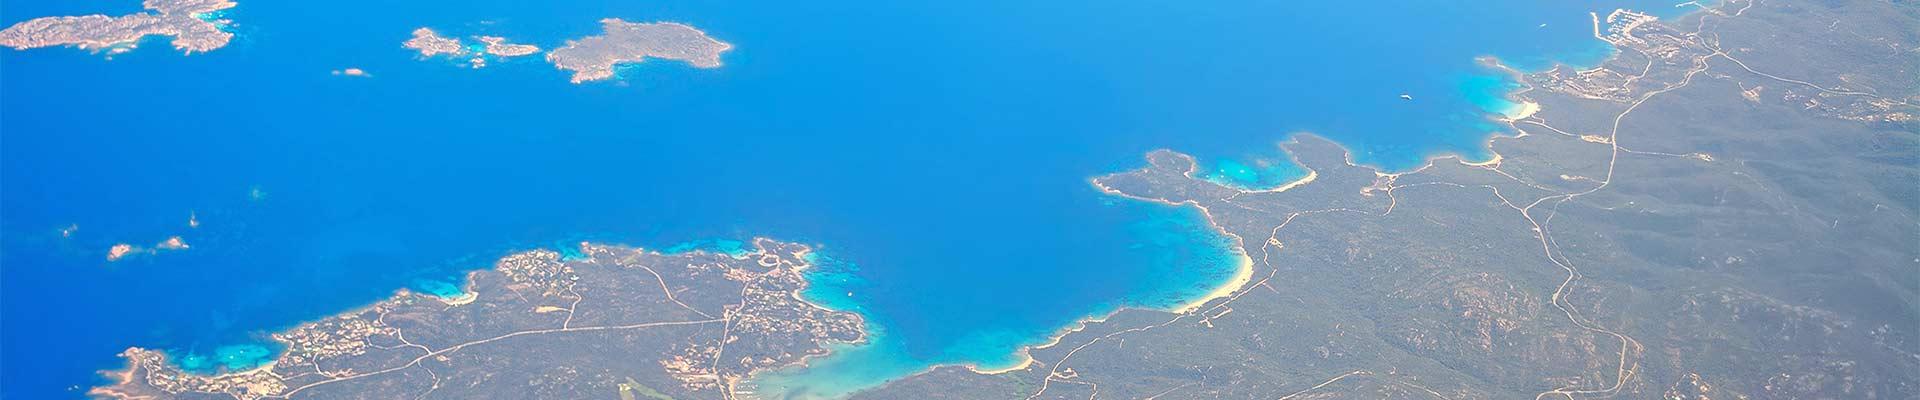 Le migliori offerte in Sardegna: 7 notti con volo da € 449